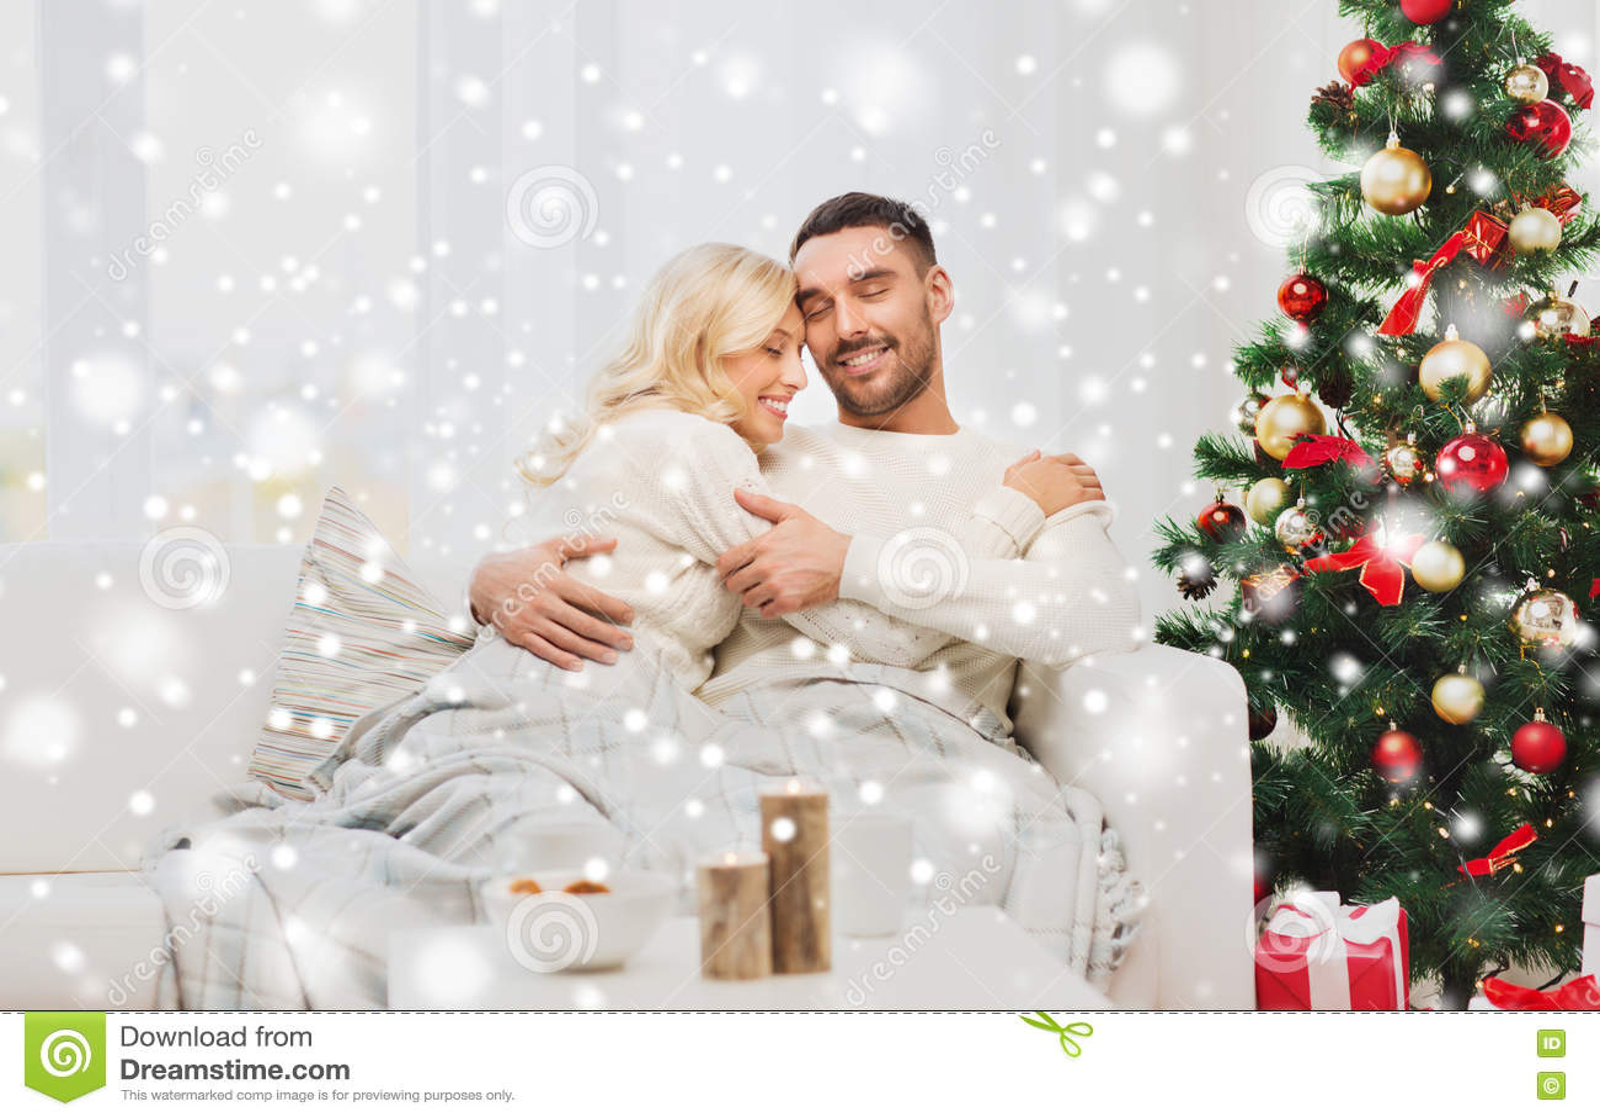 Ευτυχές ζεύγος στο σπίτι με το χριστουγεννιάτικο δέντρο